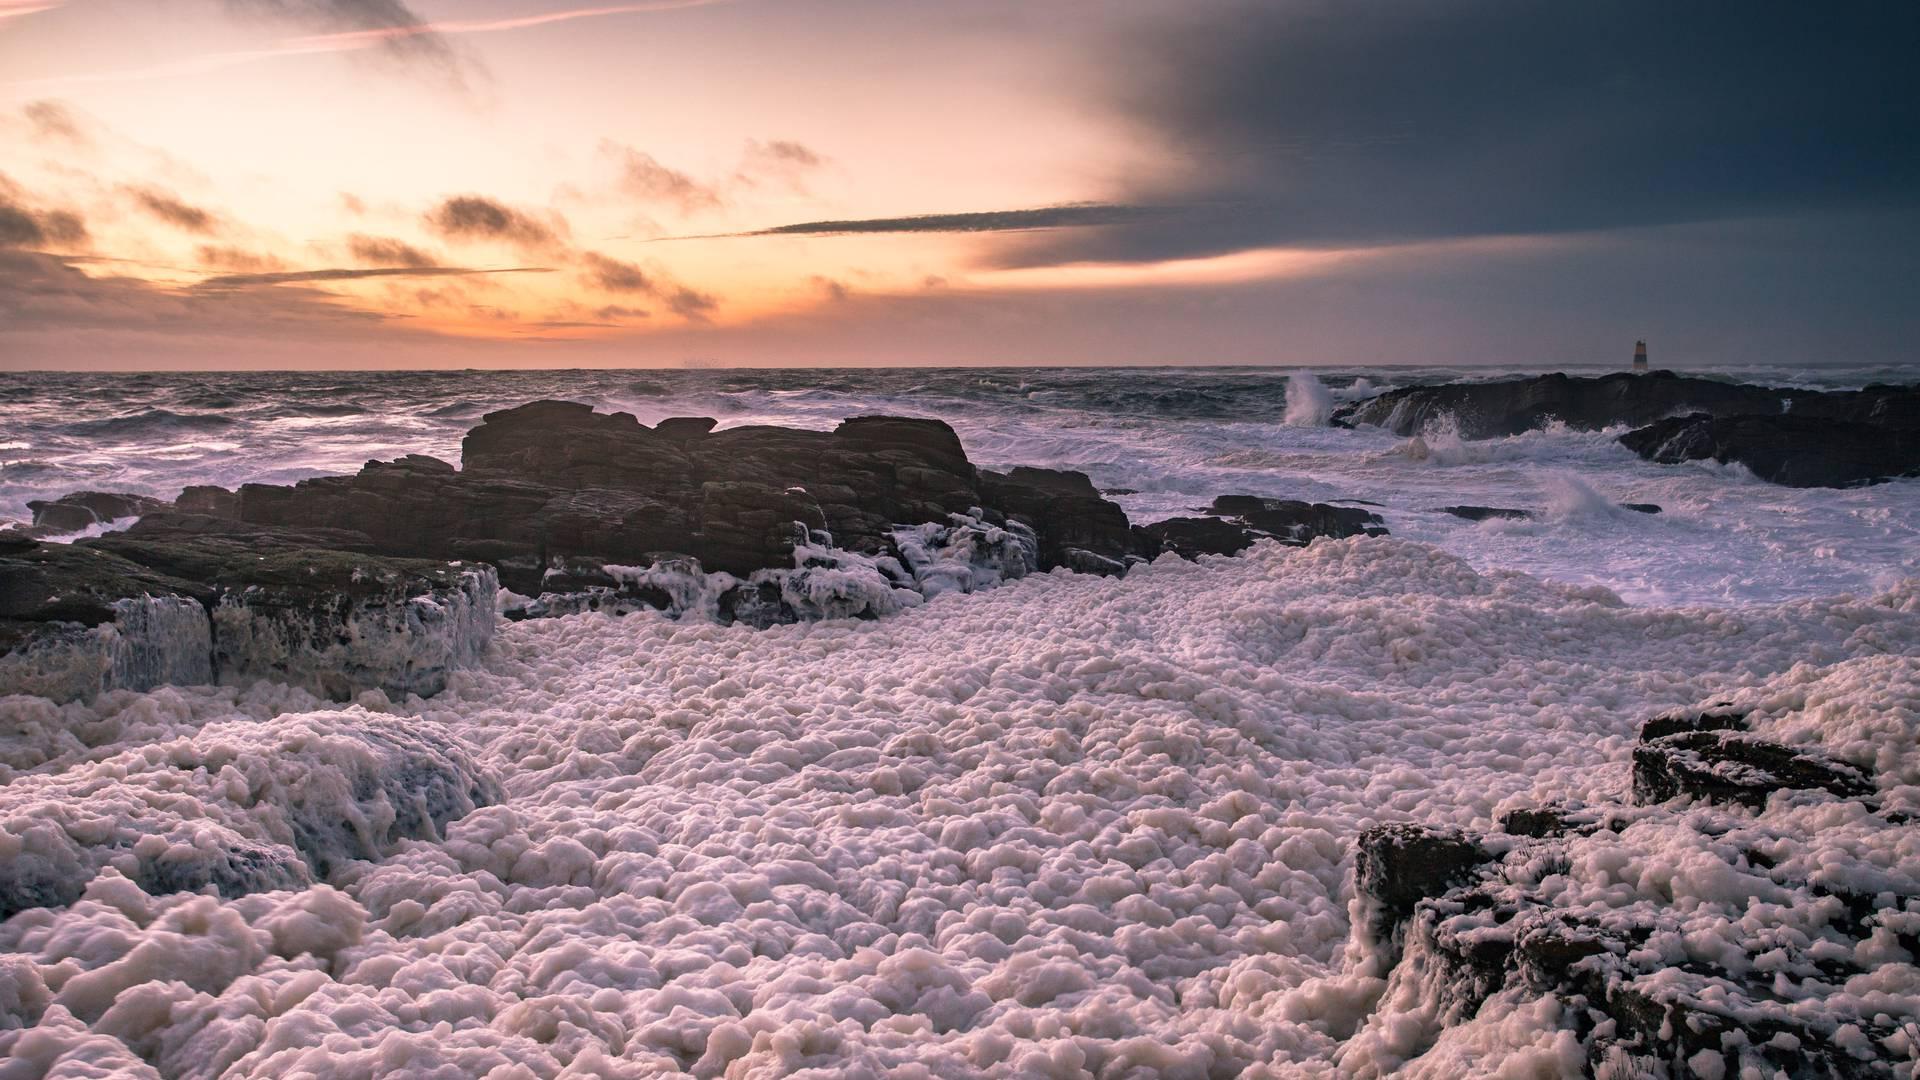 Foam, L'île d'Yeu © Office de Tourisme de l'île d'Yeu